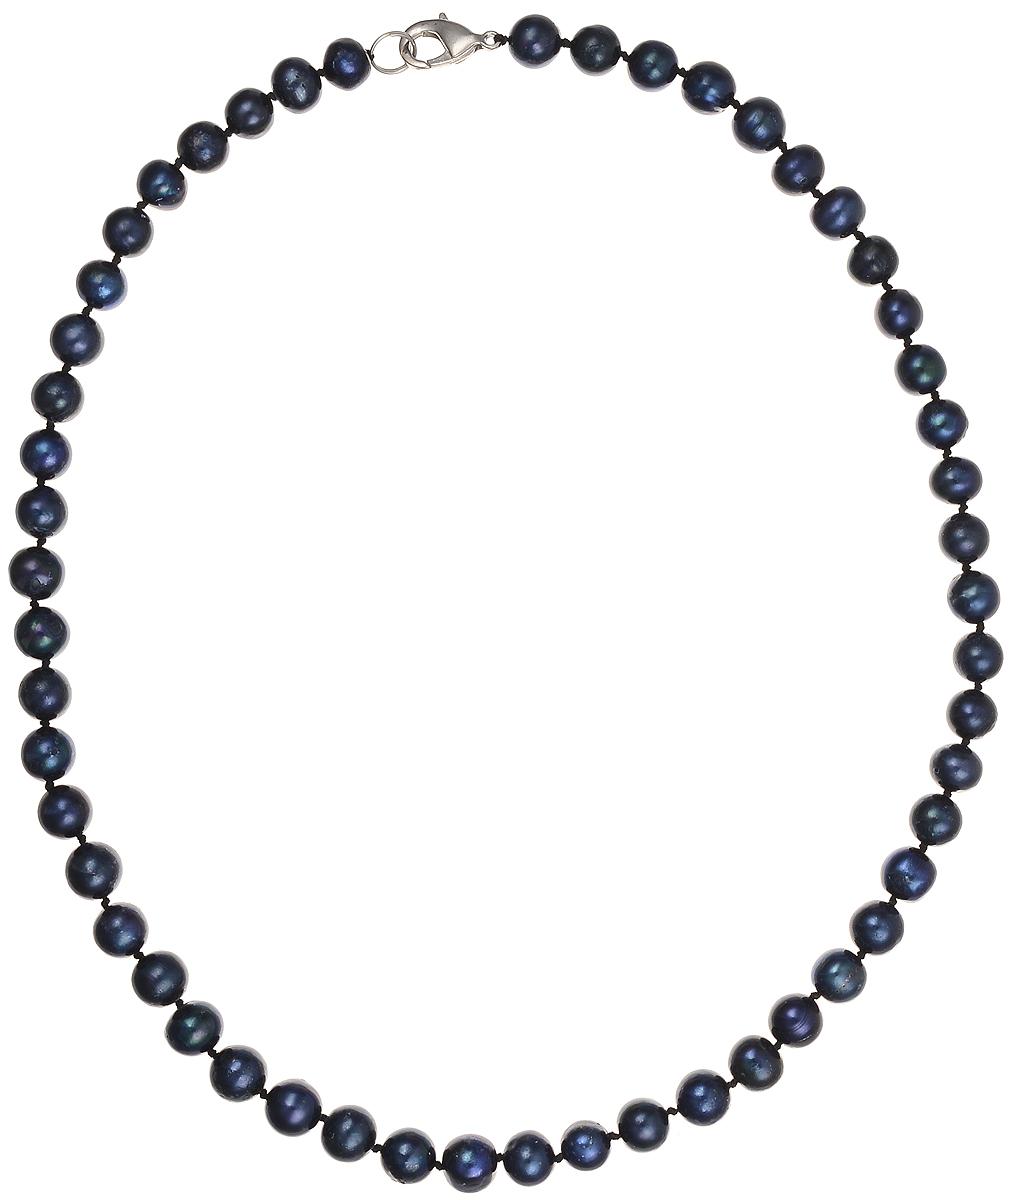 Бусы Art-Silver, цвет: синий, длина 45 см. КЖ8-9А45-378КЖ8-9А45-378Бусы Art-Silver подчеркнут изящество и непревзойденный вкус своей обладательницы. Они выполнены из бижутерного сплава и культивированного жемчуга диаметром 8 мм. Изделие оснащено удобным замком-карабином. Культивированный жемчуг - это практичный аналог природного жемчуга. Бусинки из прессованных раковин помещаются внутрь устрицы и возвращаются в воду. Когда бусины покрываются перламутром, их извлекают из моллюска. Форма жемчужины получается идеально ровной с приятным матовым блеском.